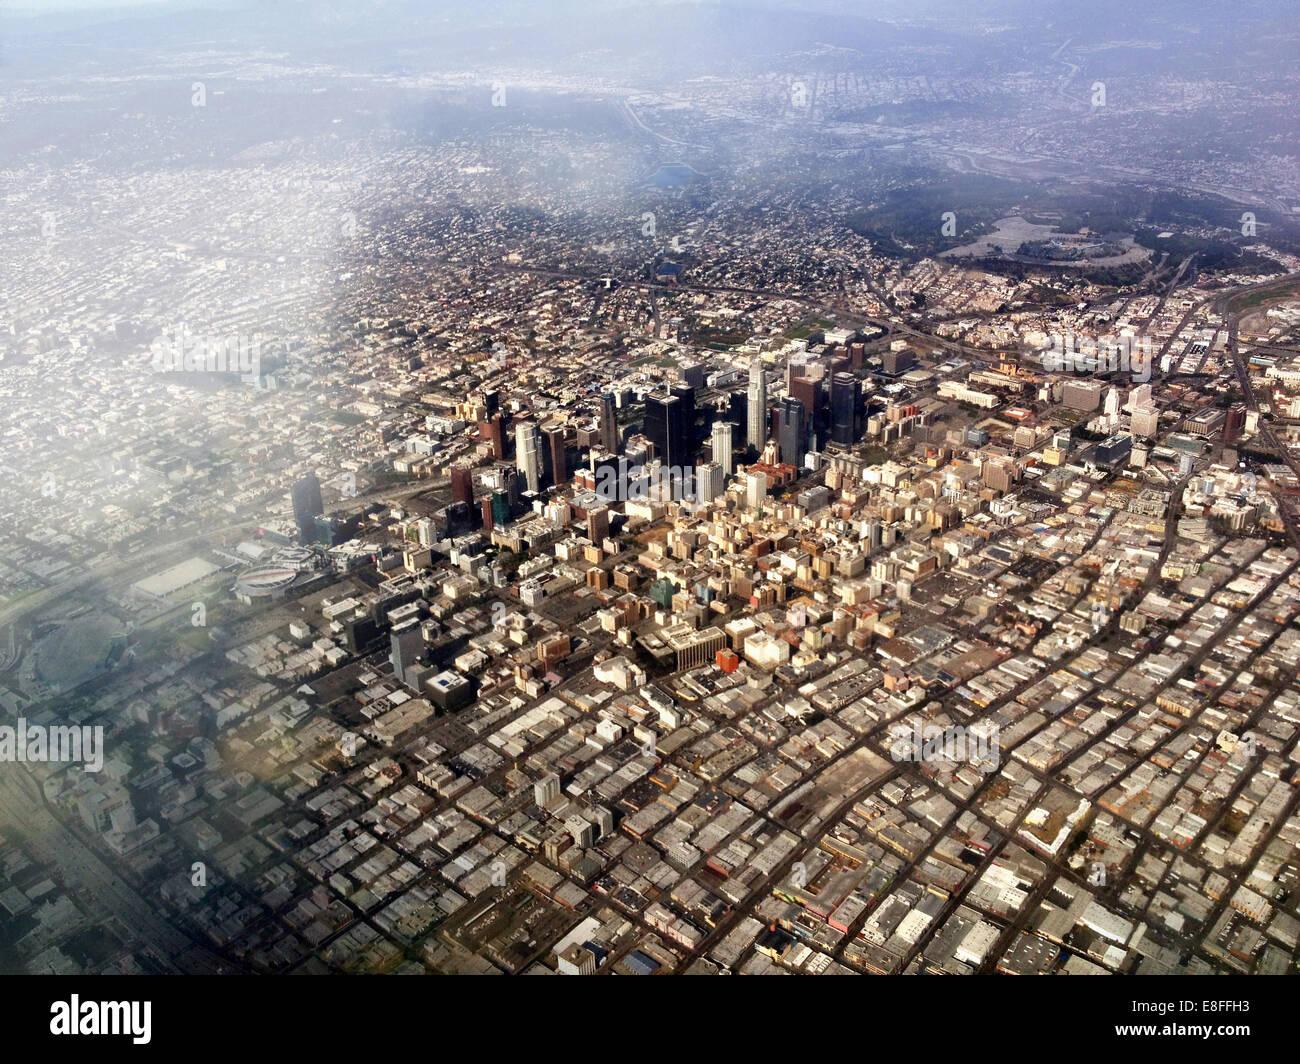 Vista aérea de Los Angeles, California, Estados Unidos, EE.UU. Imagen De Stock